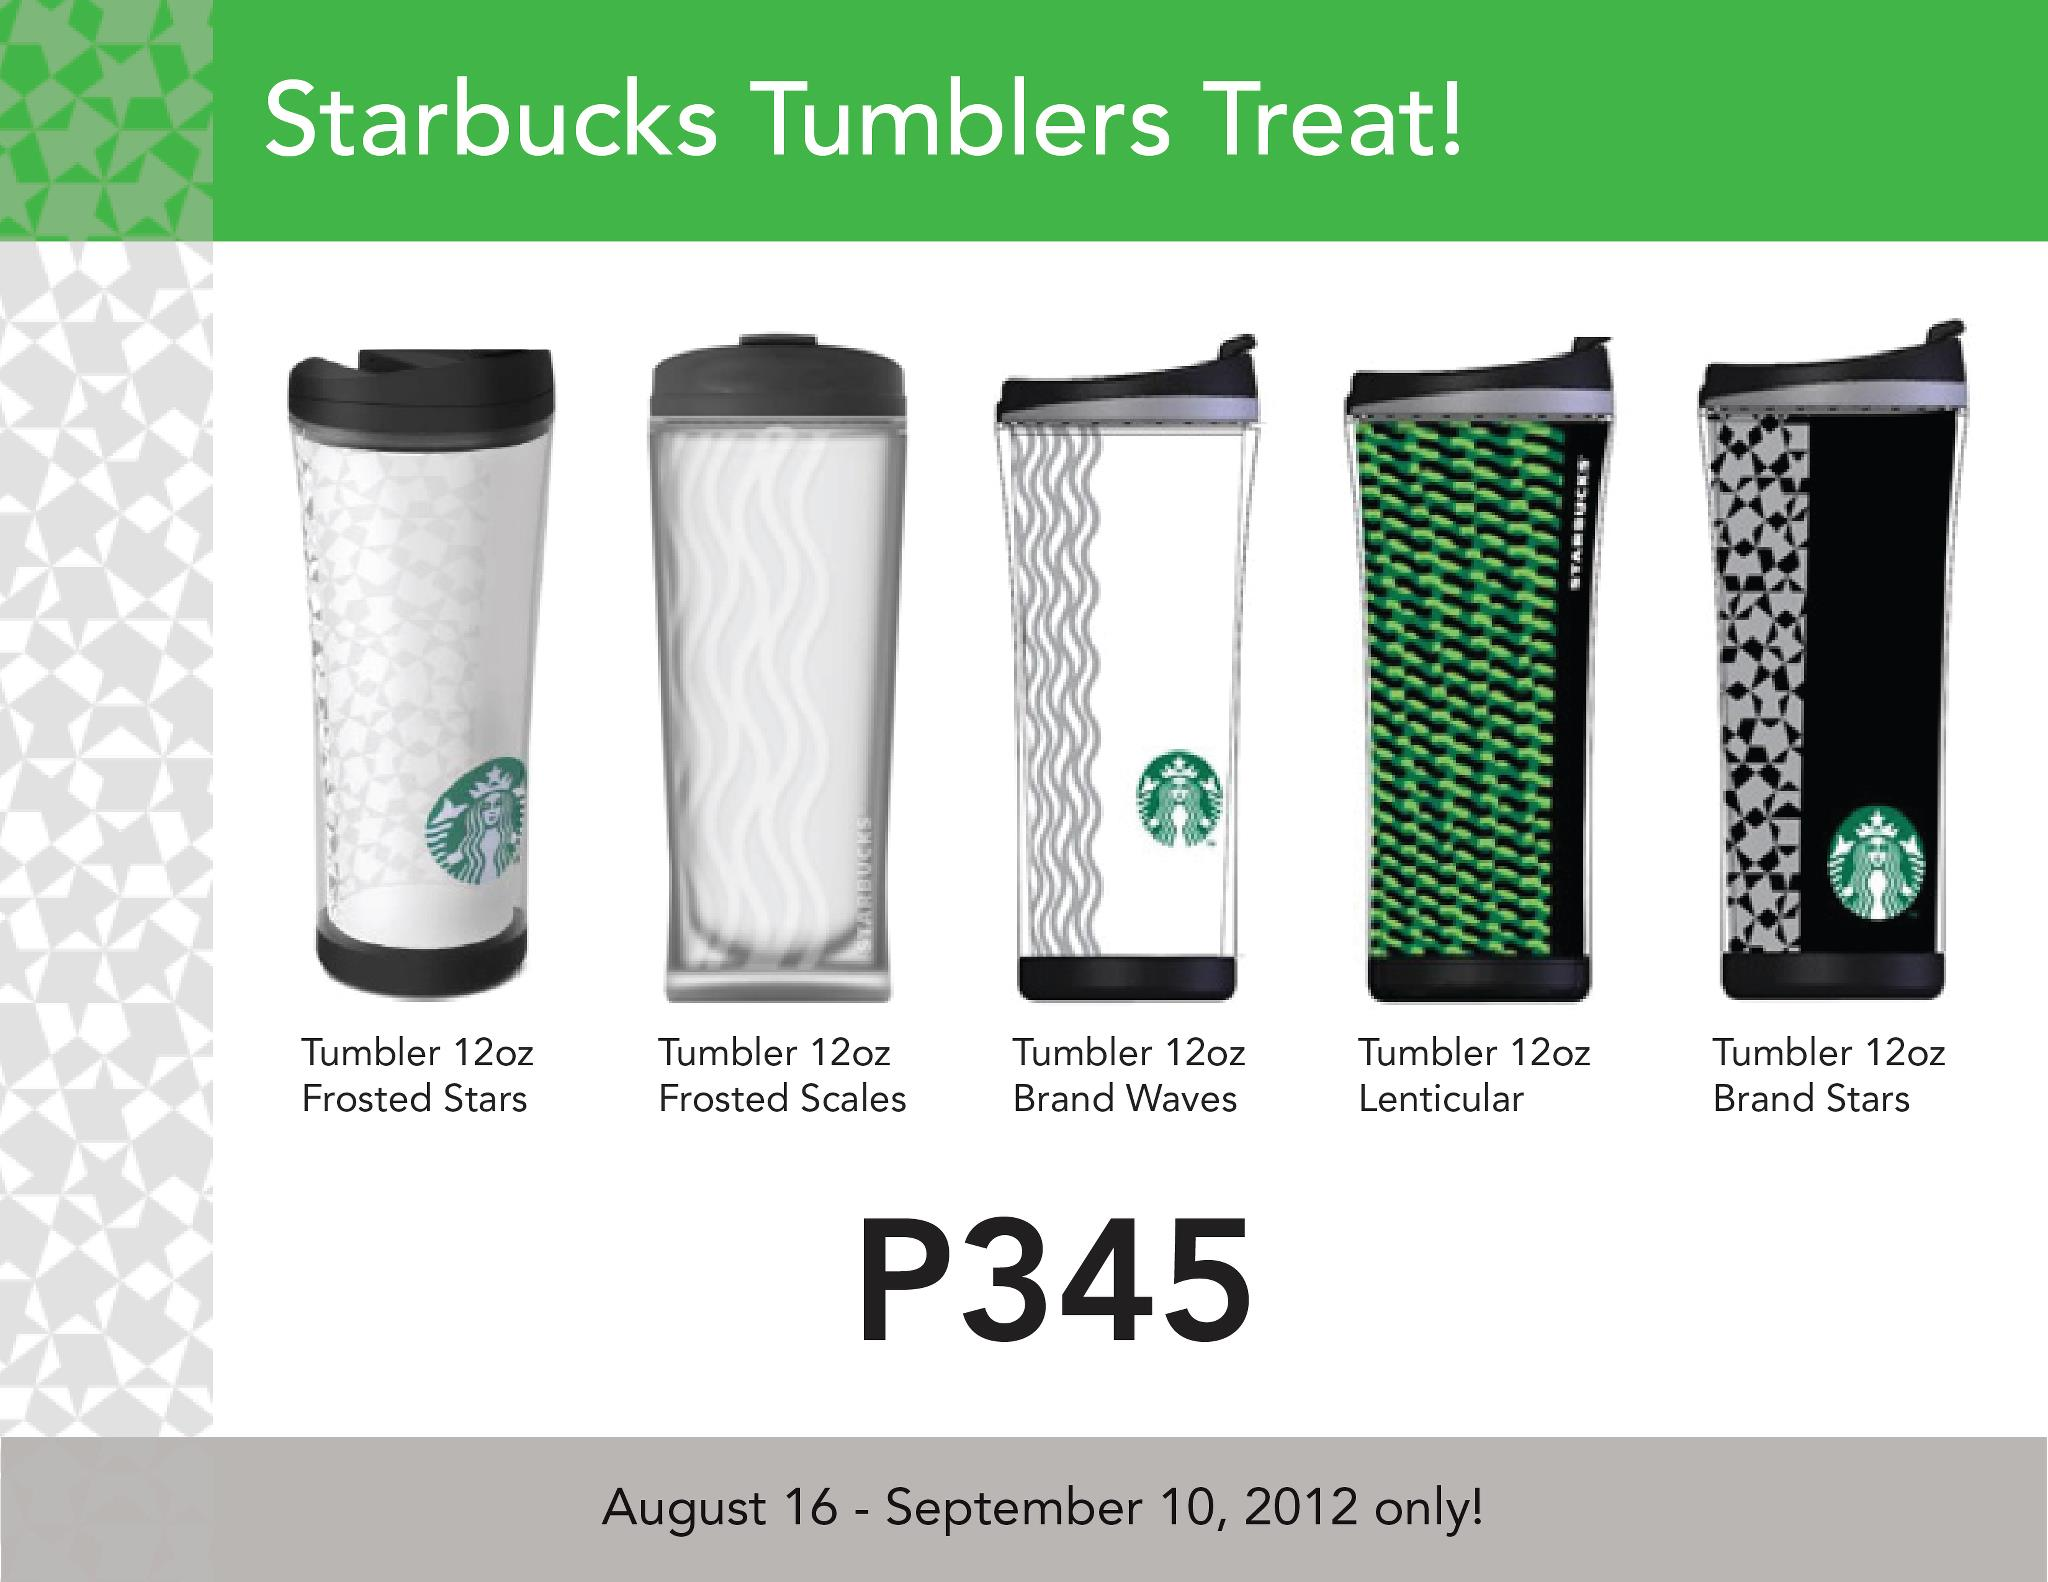 Starbucks Tumblers Treat August  - September 2012